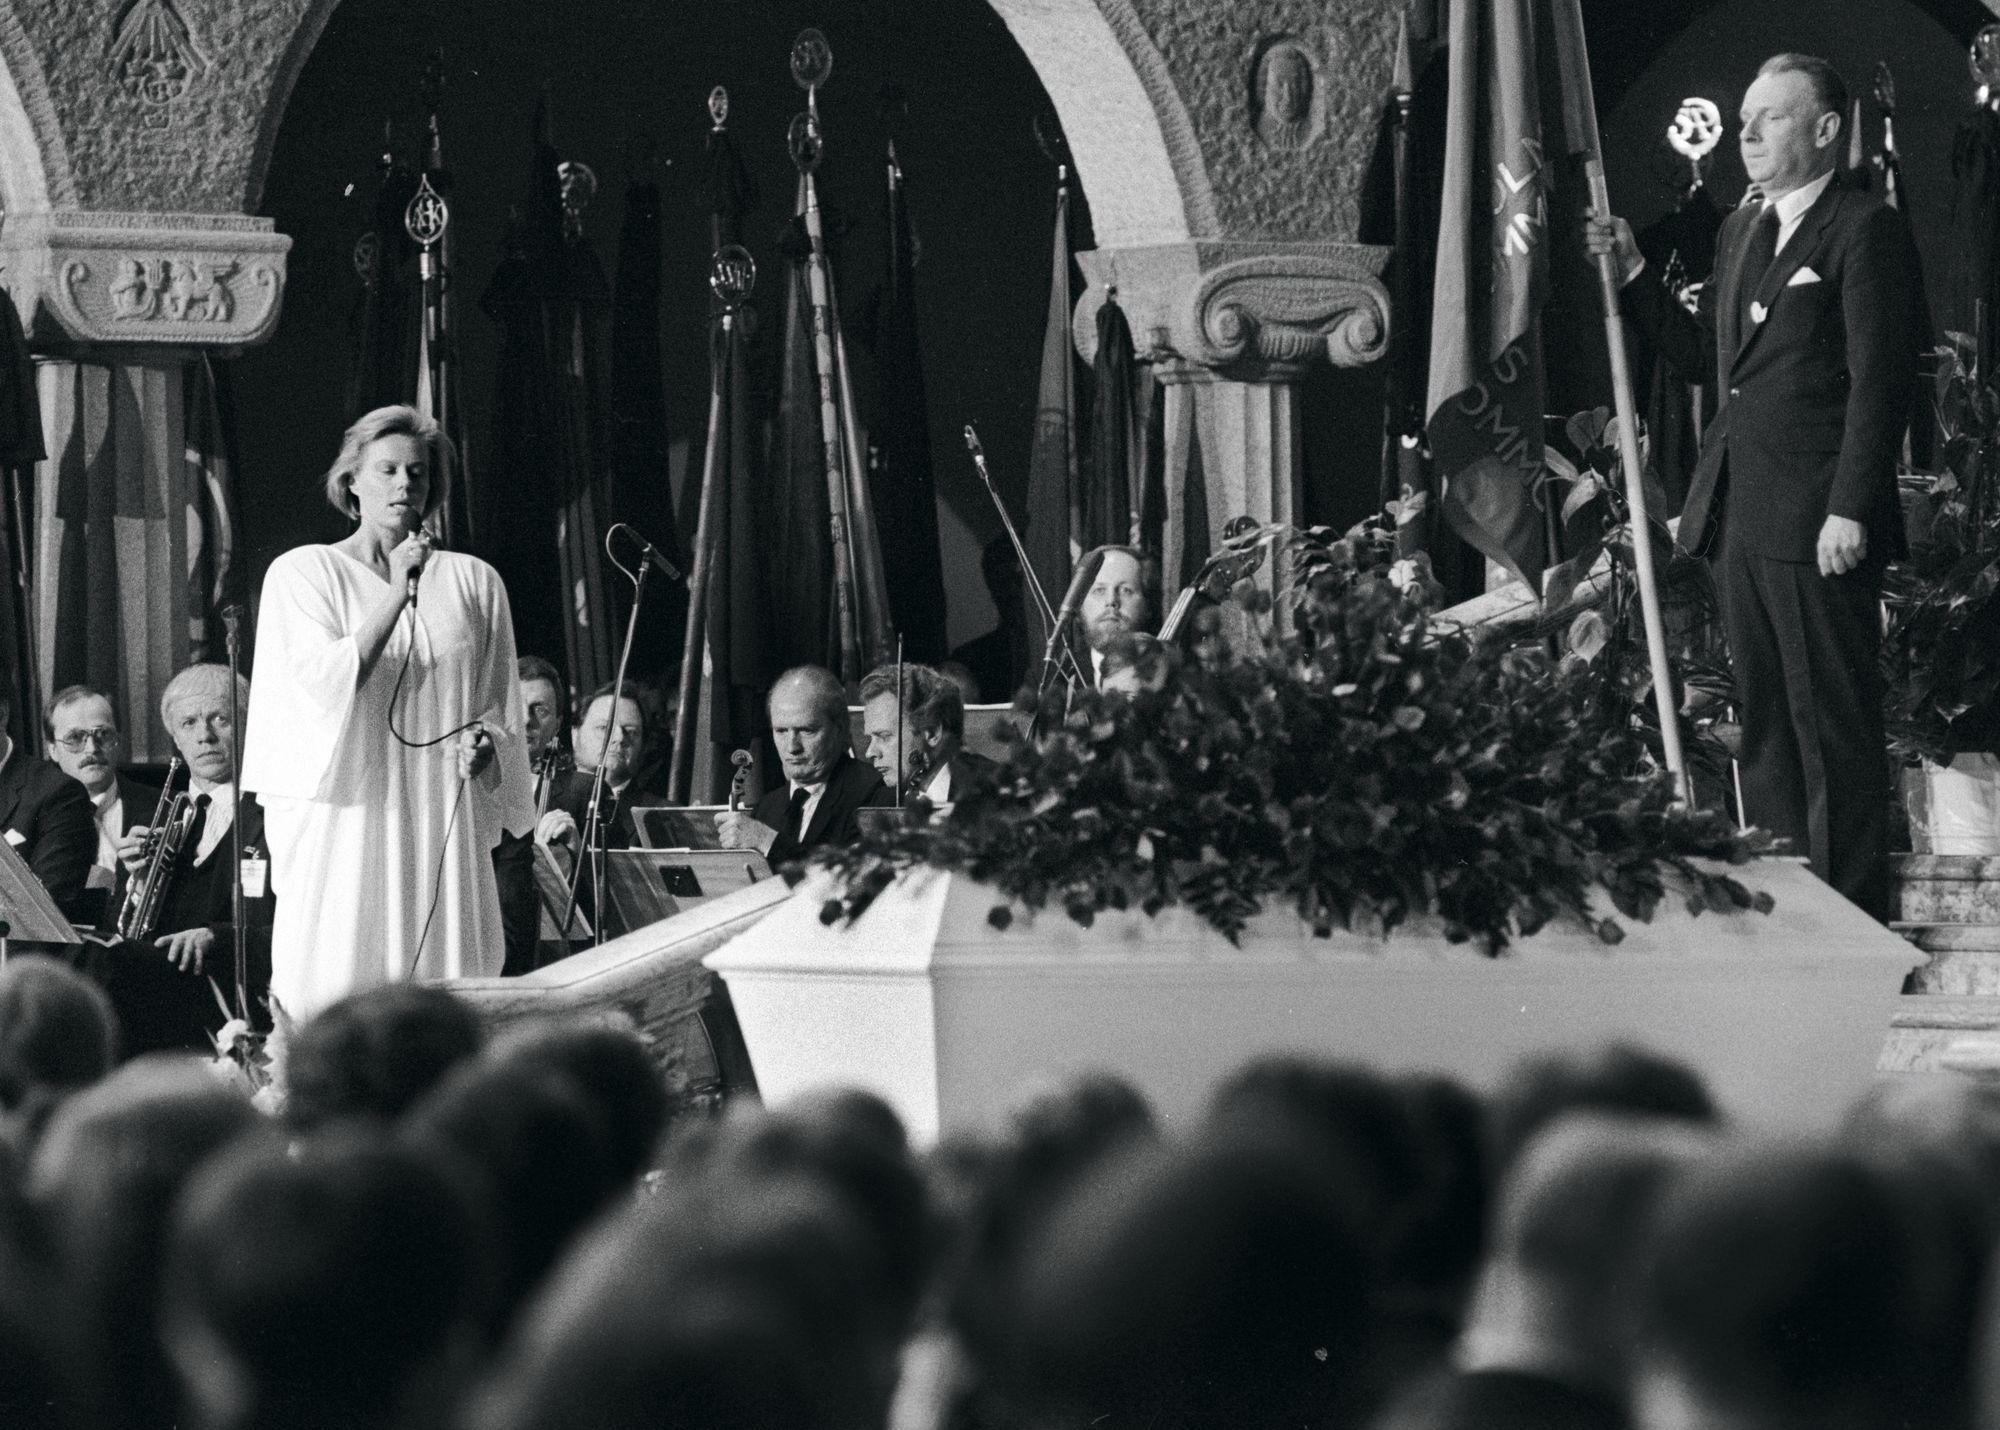 Arja Saijonmaan ura lähti lentoon Ruotsissa. Hän esiintyi muun muassa pääministeri Olof Palmen hautajaisissa vuonna 1986. © Lehtikuva